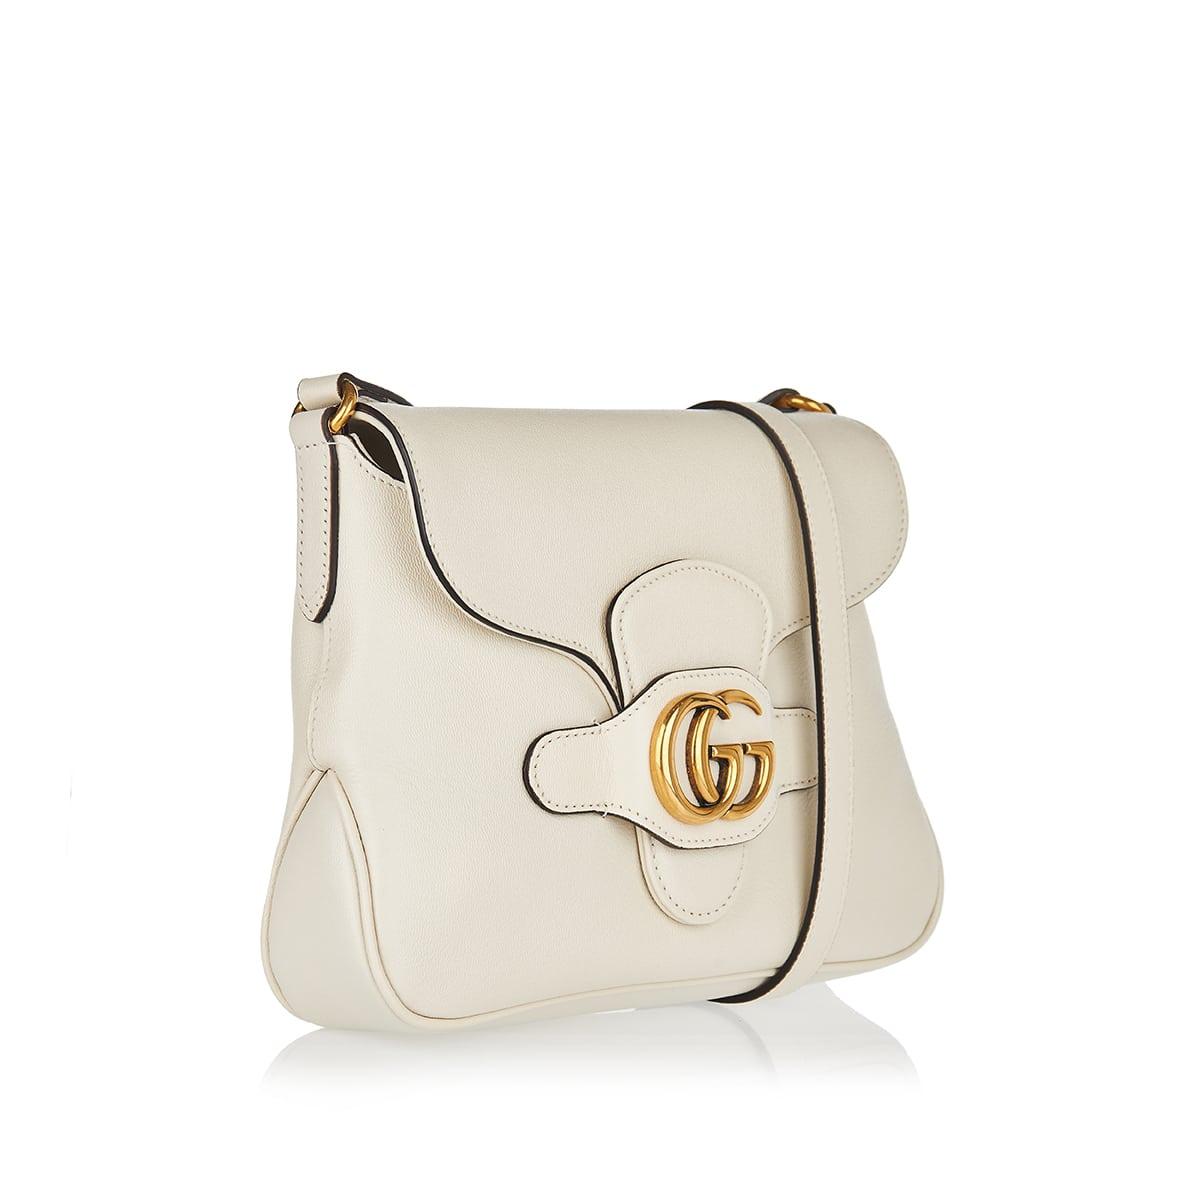 GG small messenger bag